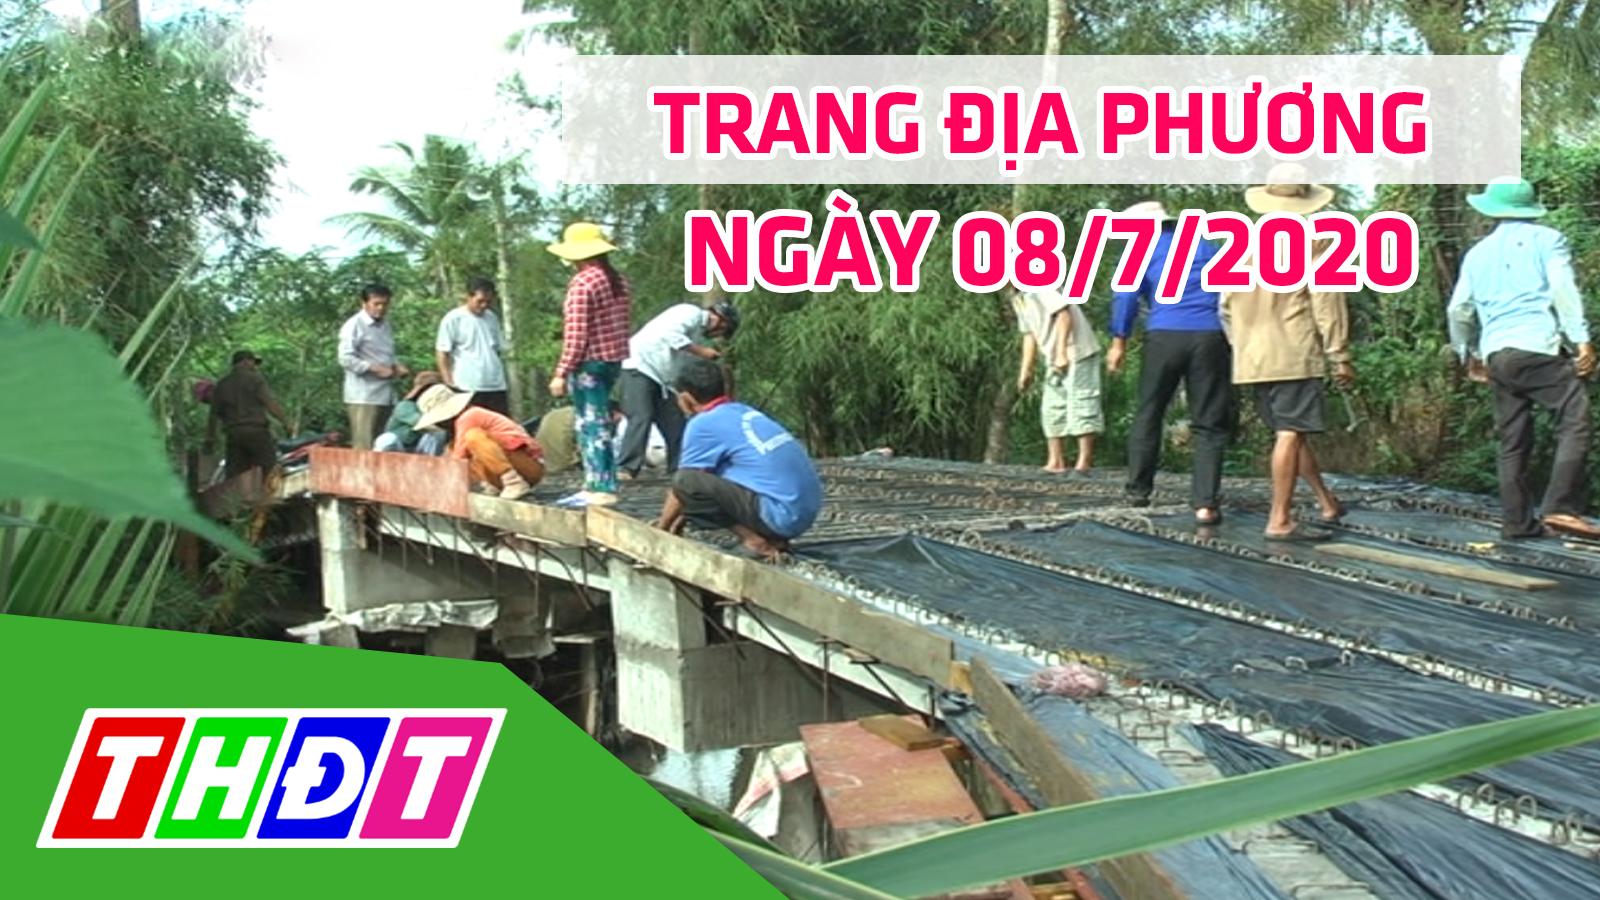 Trang địa phương - Thứ Tư, 08/7/2020 - H.Cao Lãnh